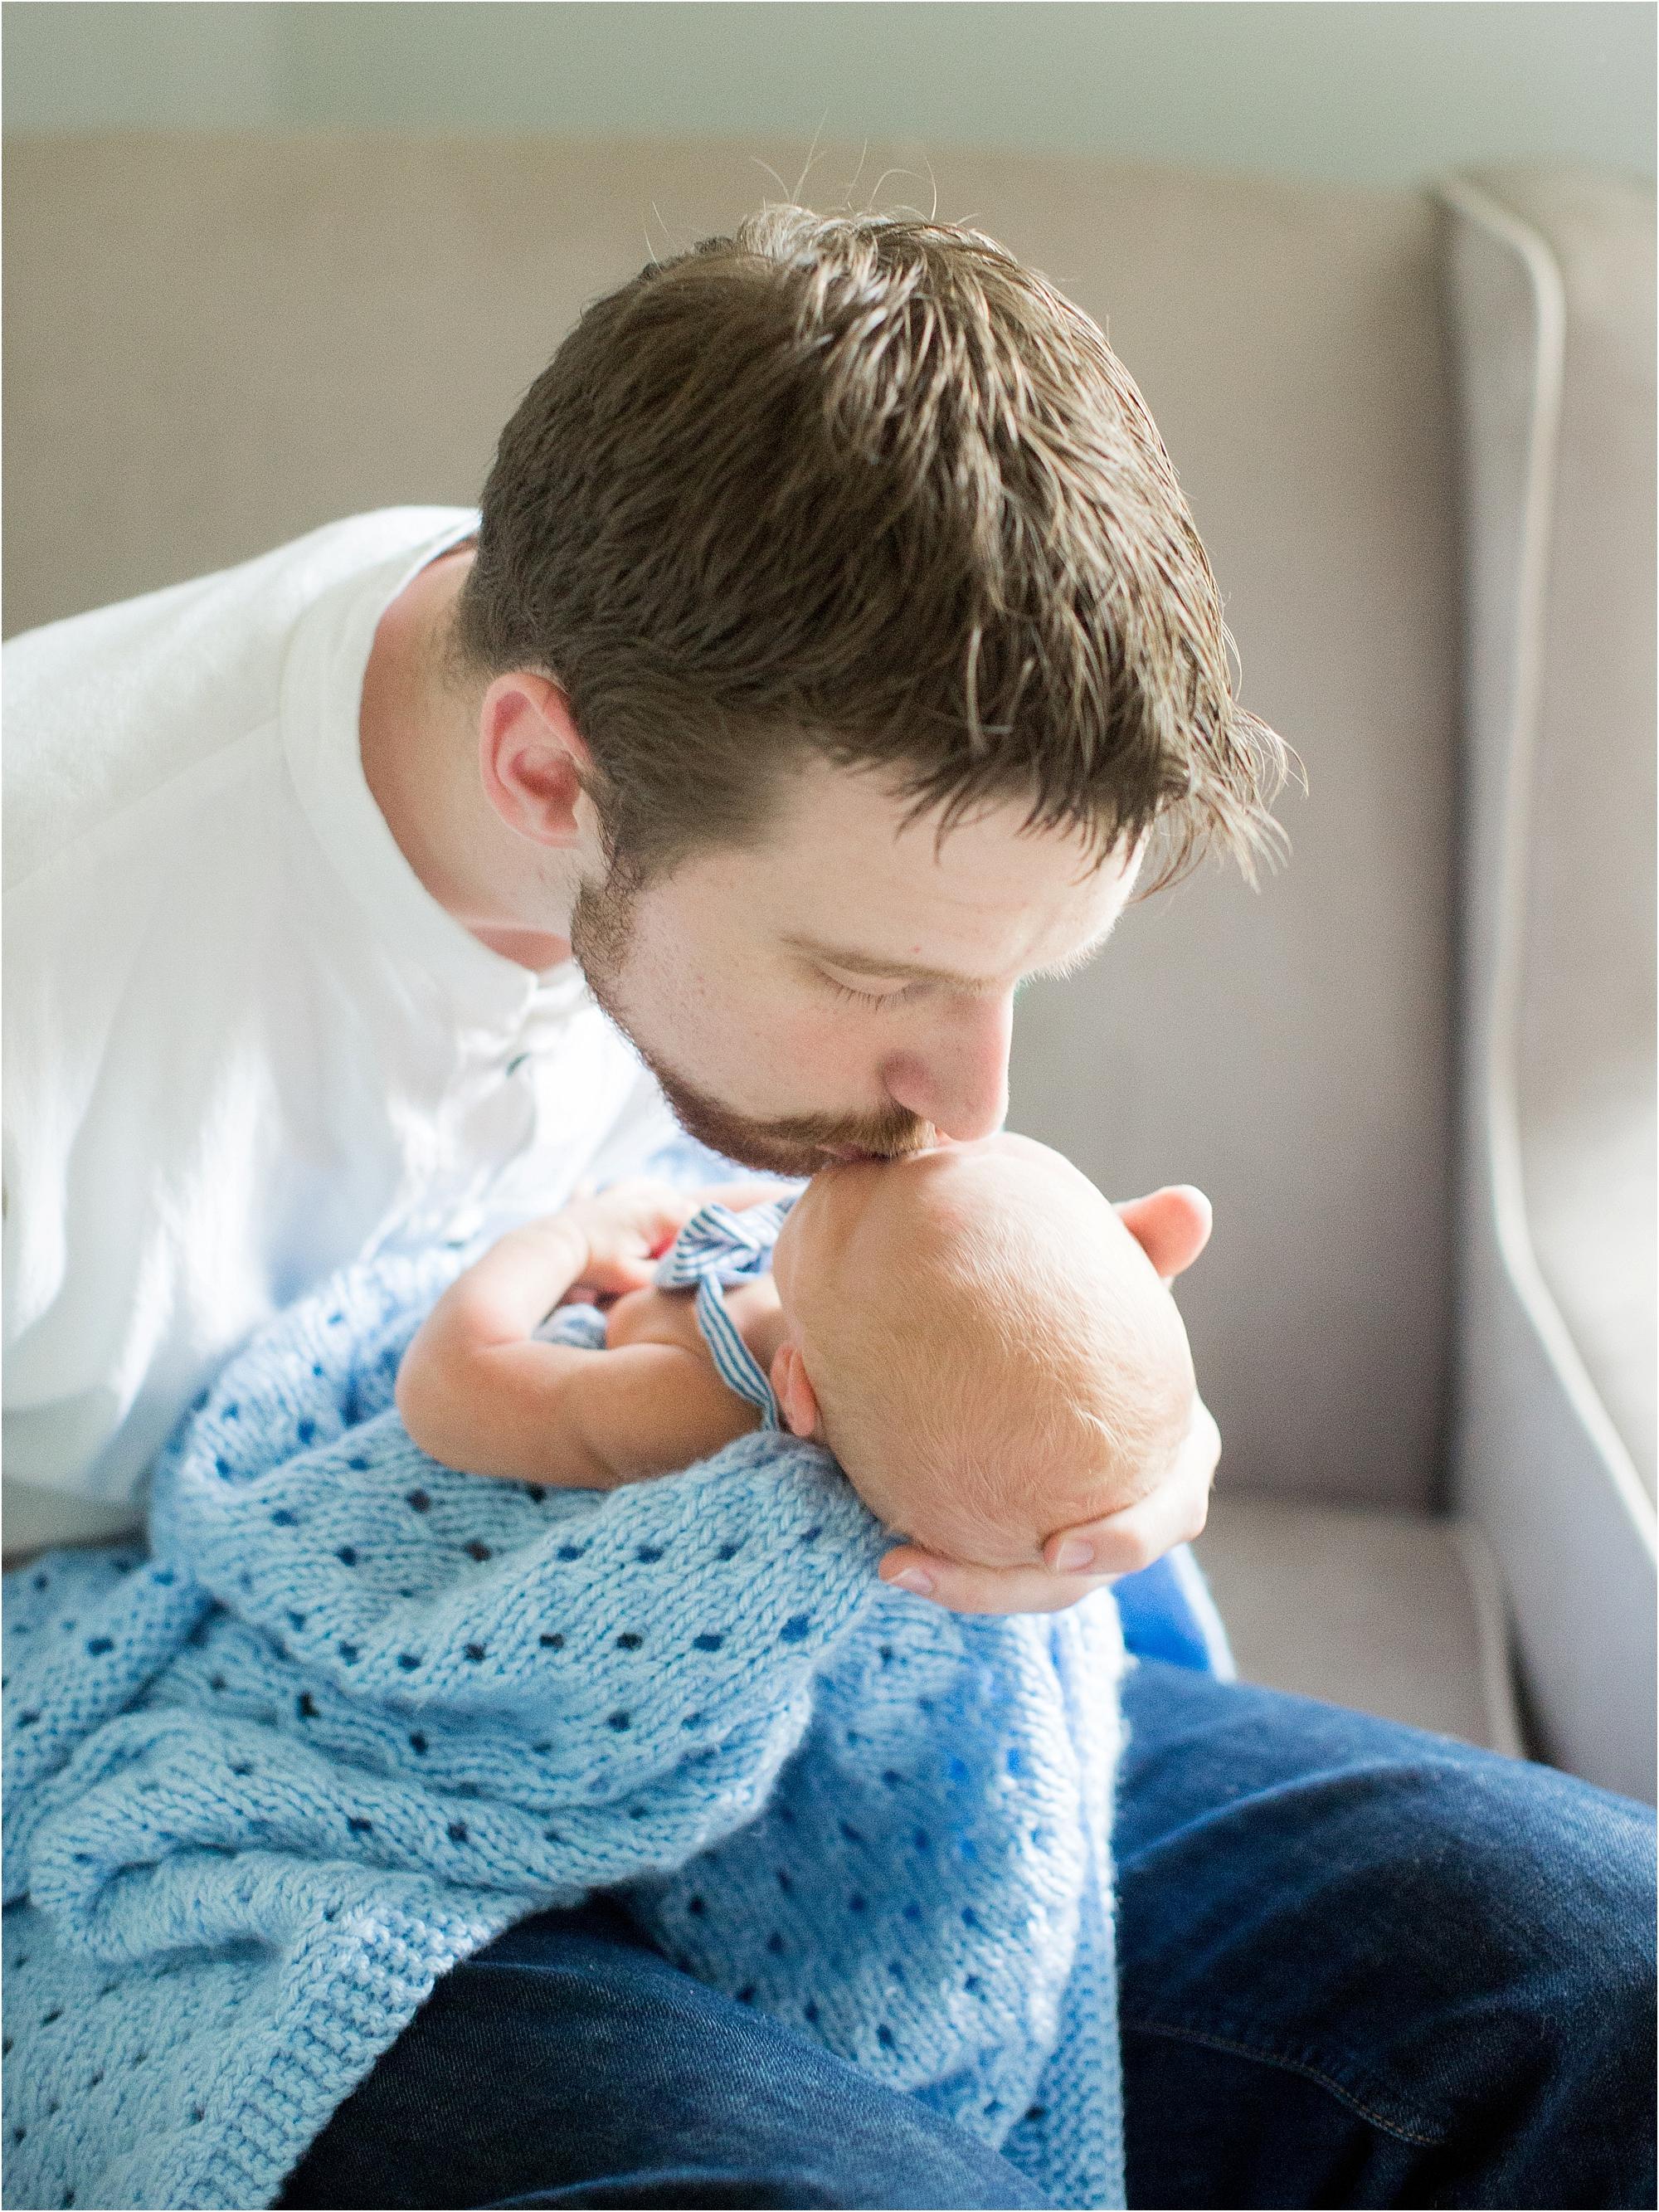 Daniel Hosea - Newborn Photography by Jordan Brittley